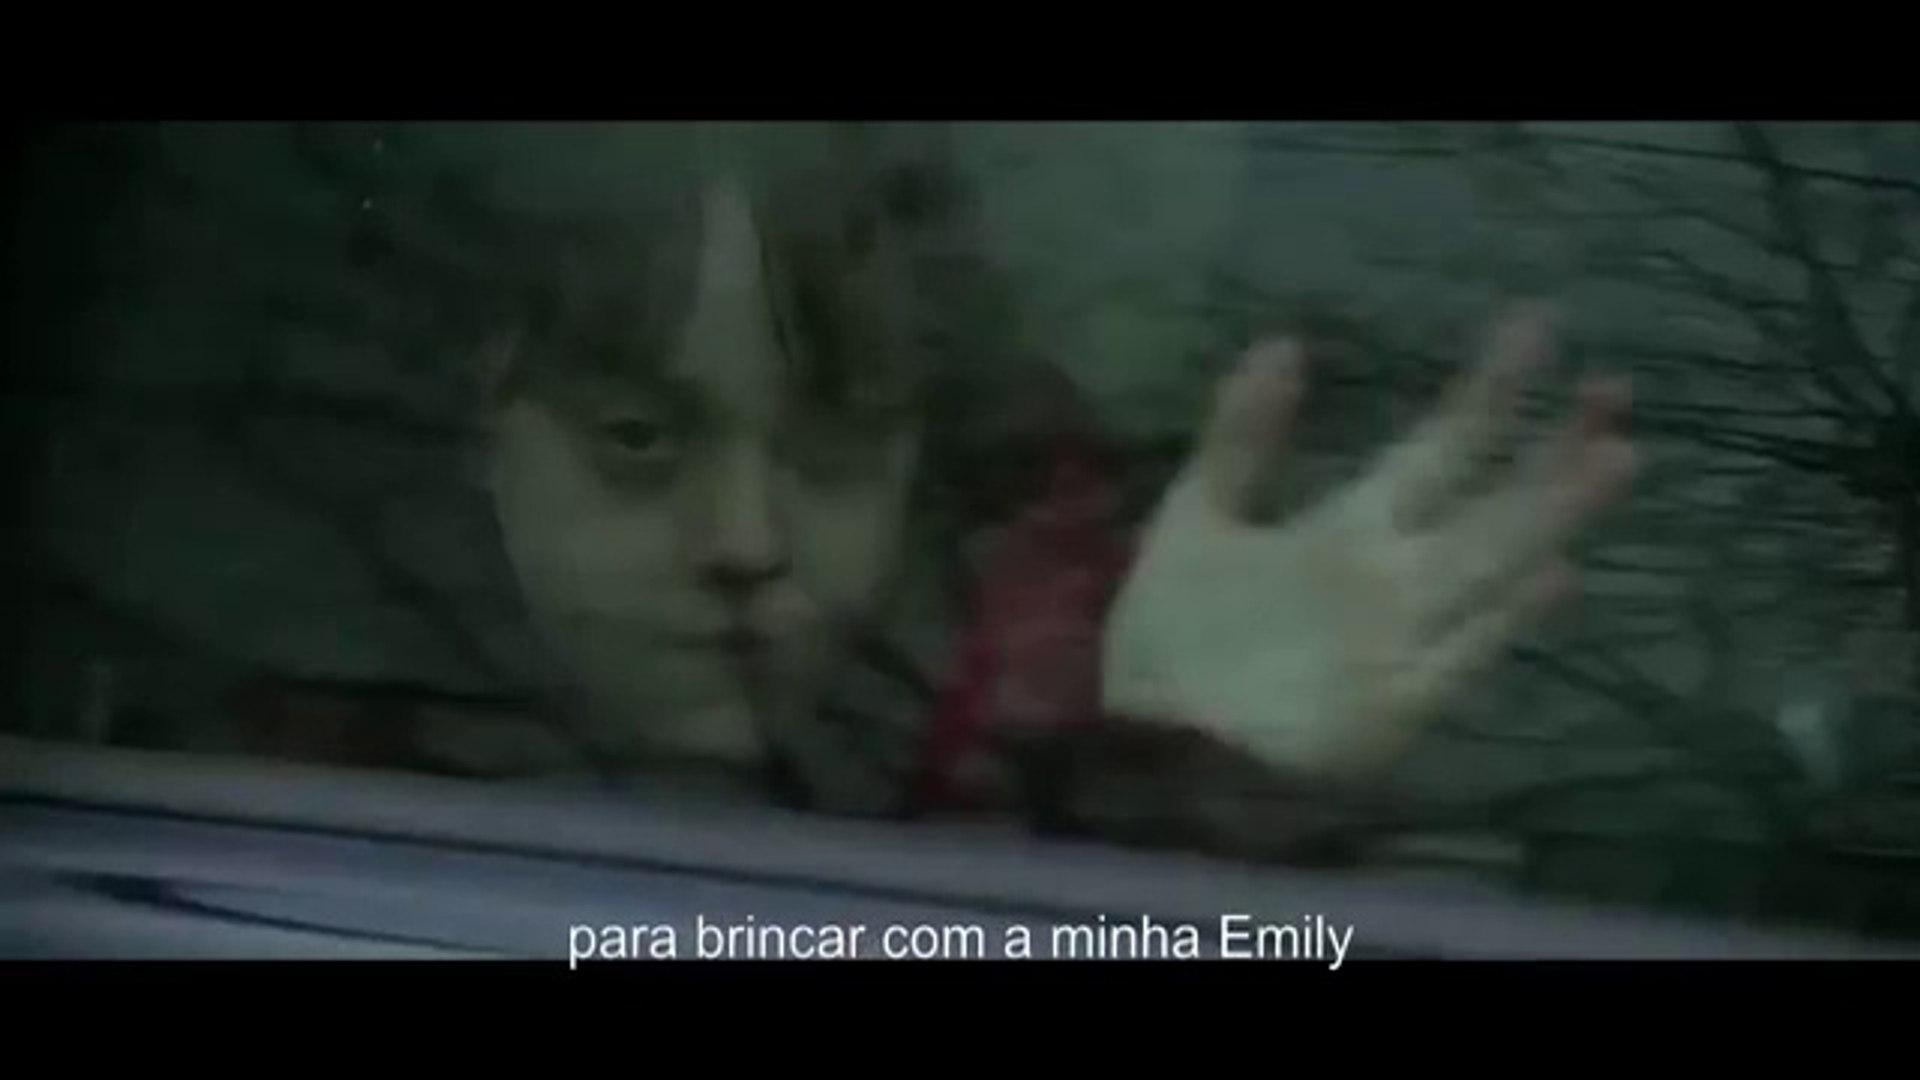 O Amigo Oculto (2005) Trailer / The Hidden Friend (2005) Trailer